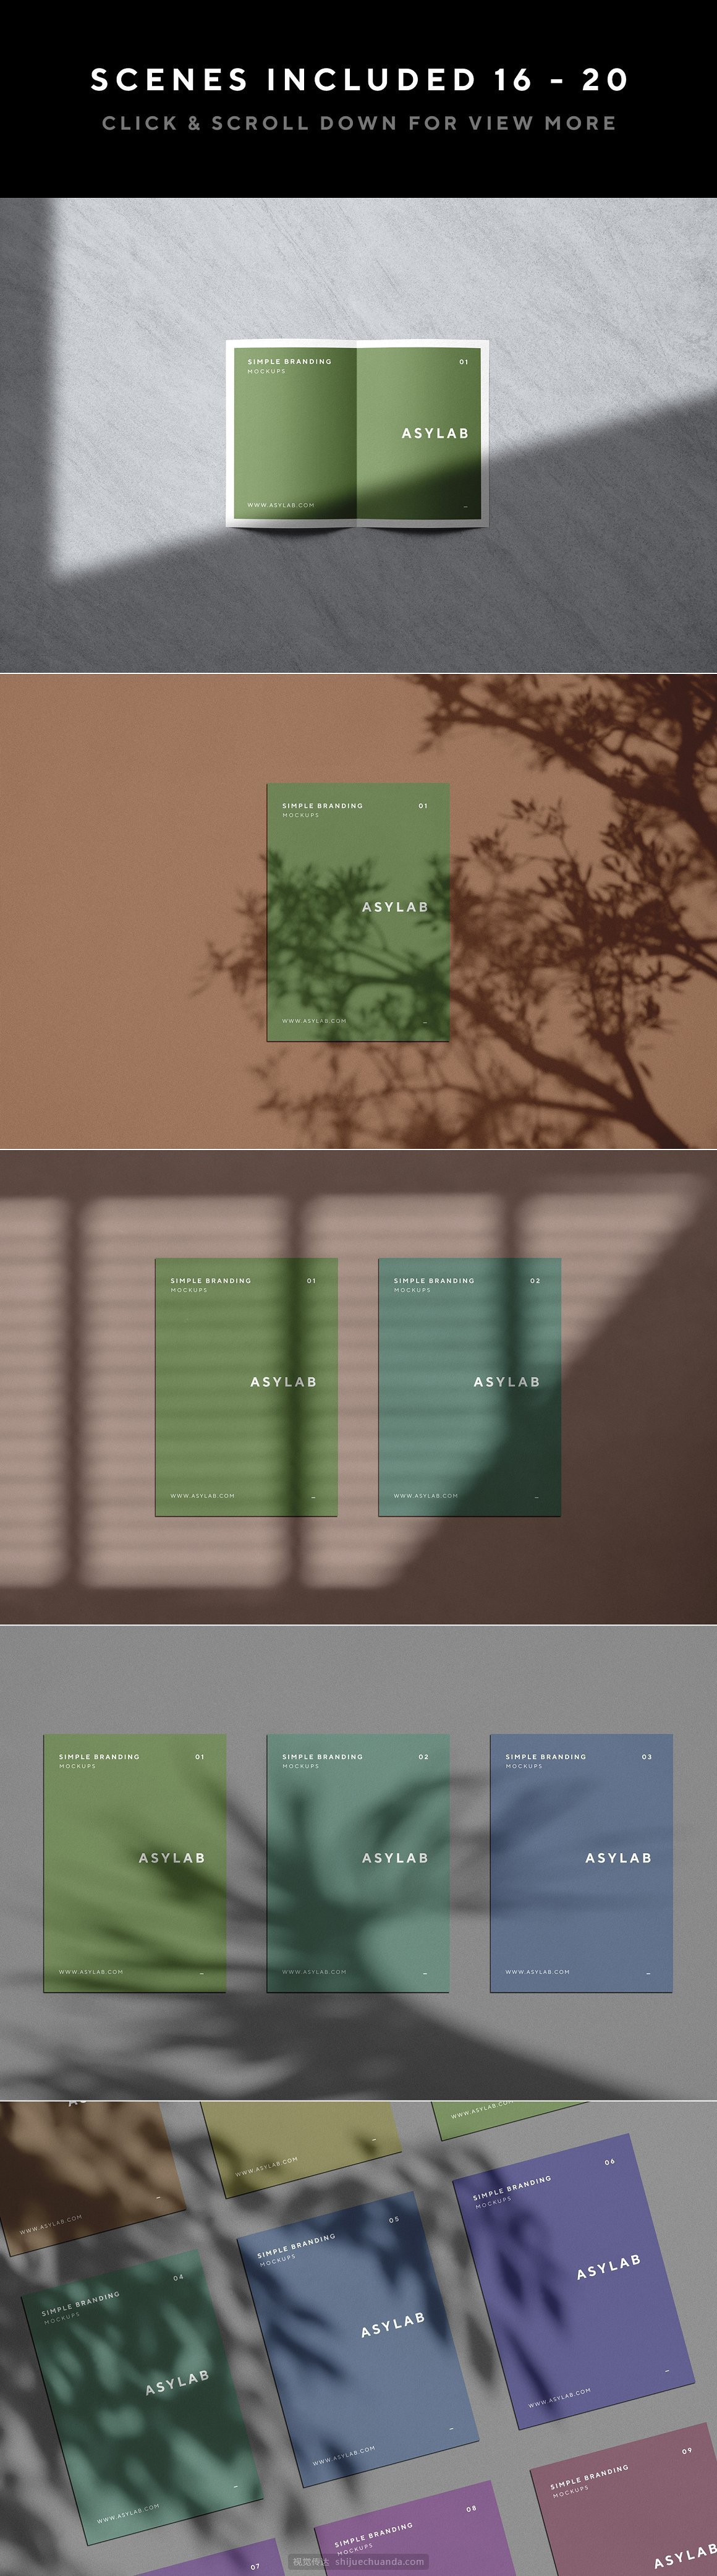 自然阳光植物光影品牌设计提案样机PSD模板